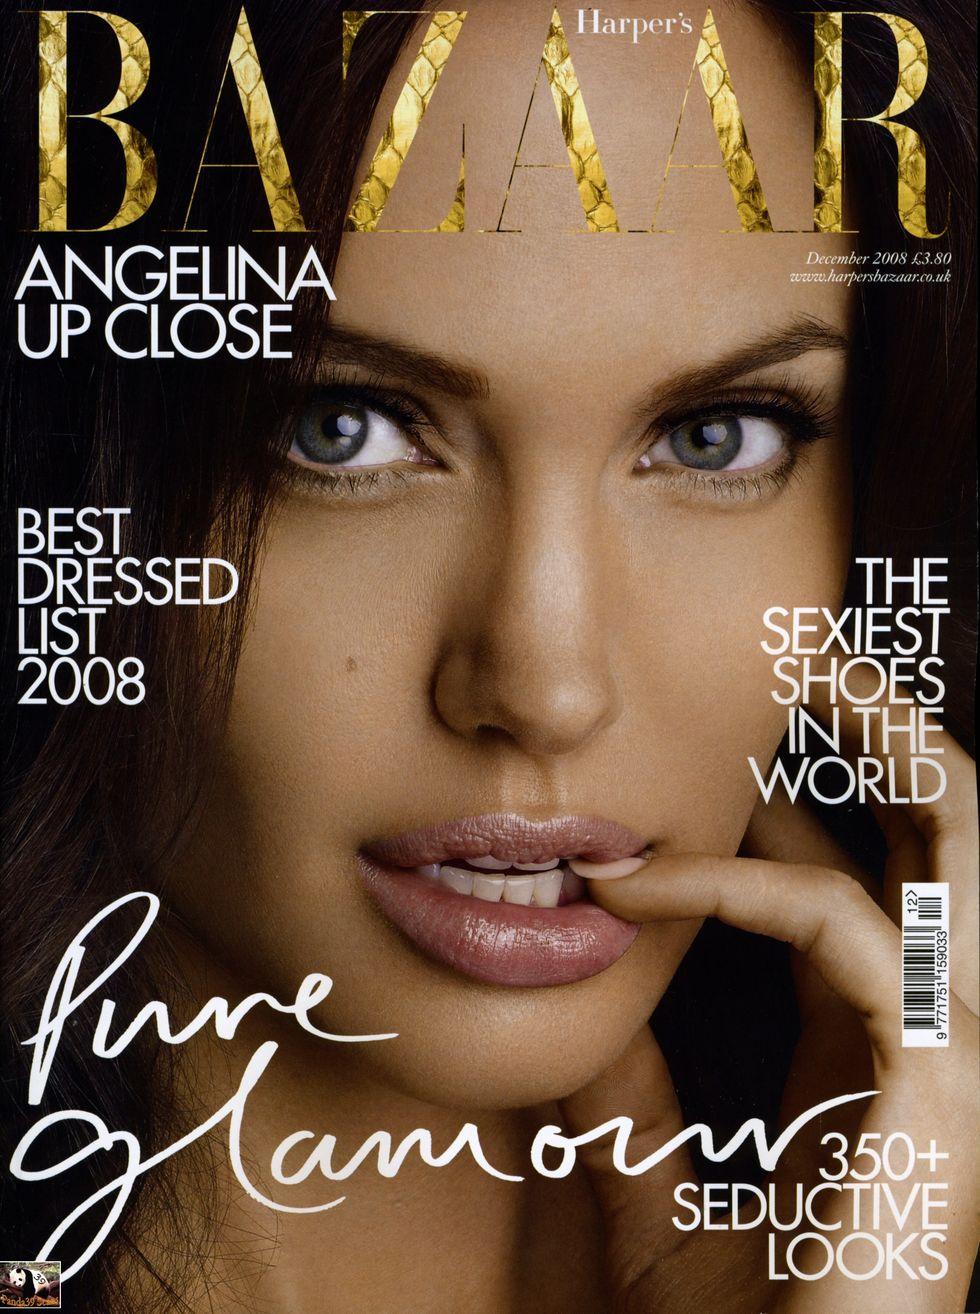 angelina-jolie-harpers-bazaar-magazine-december-2008-01